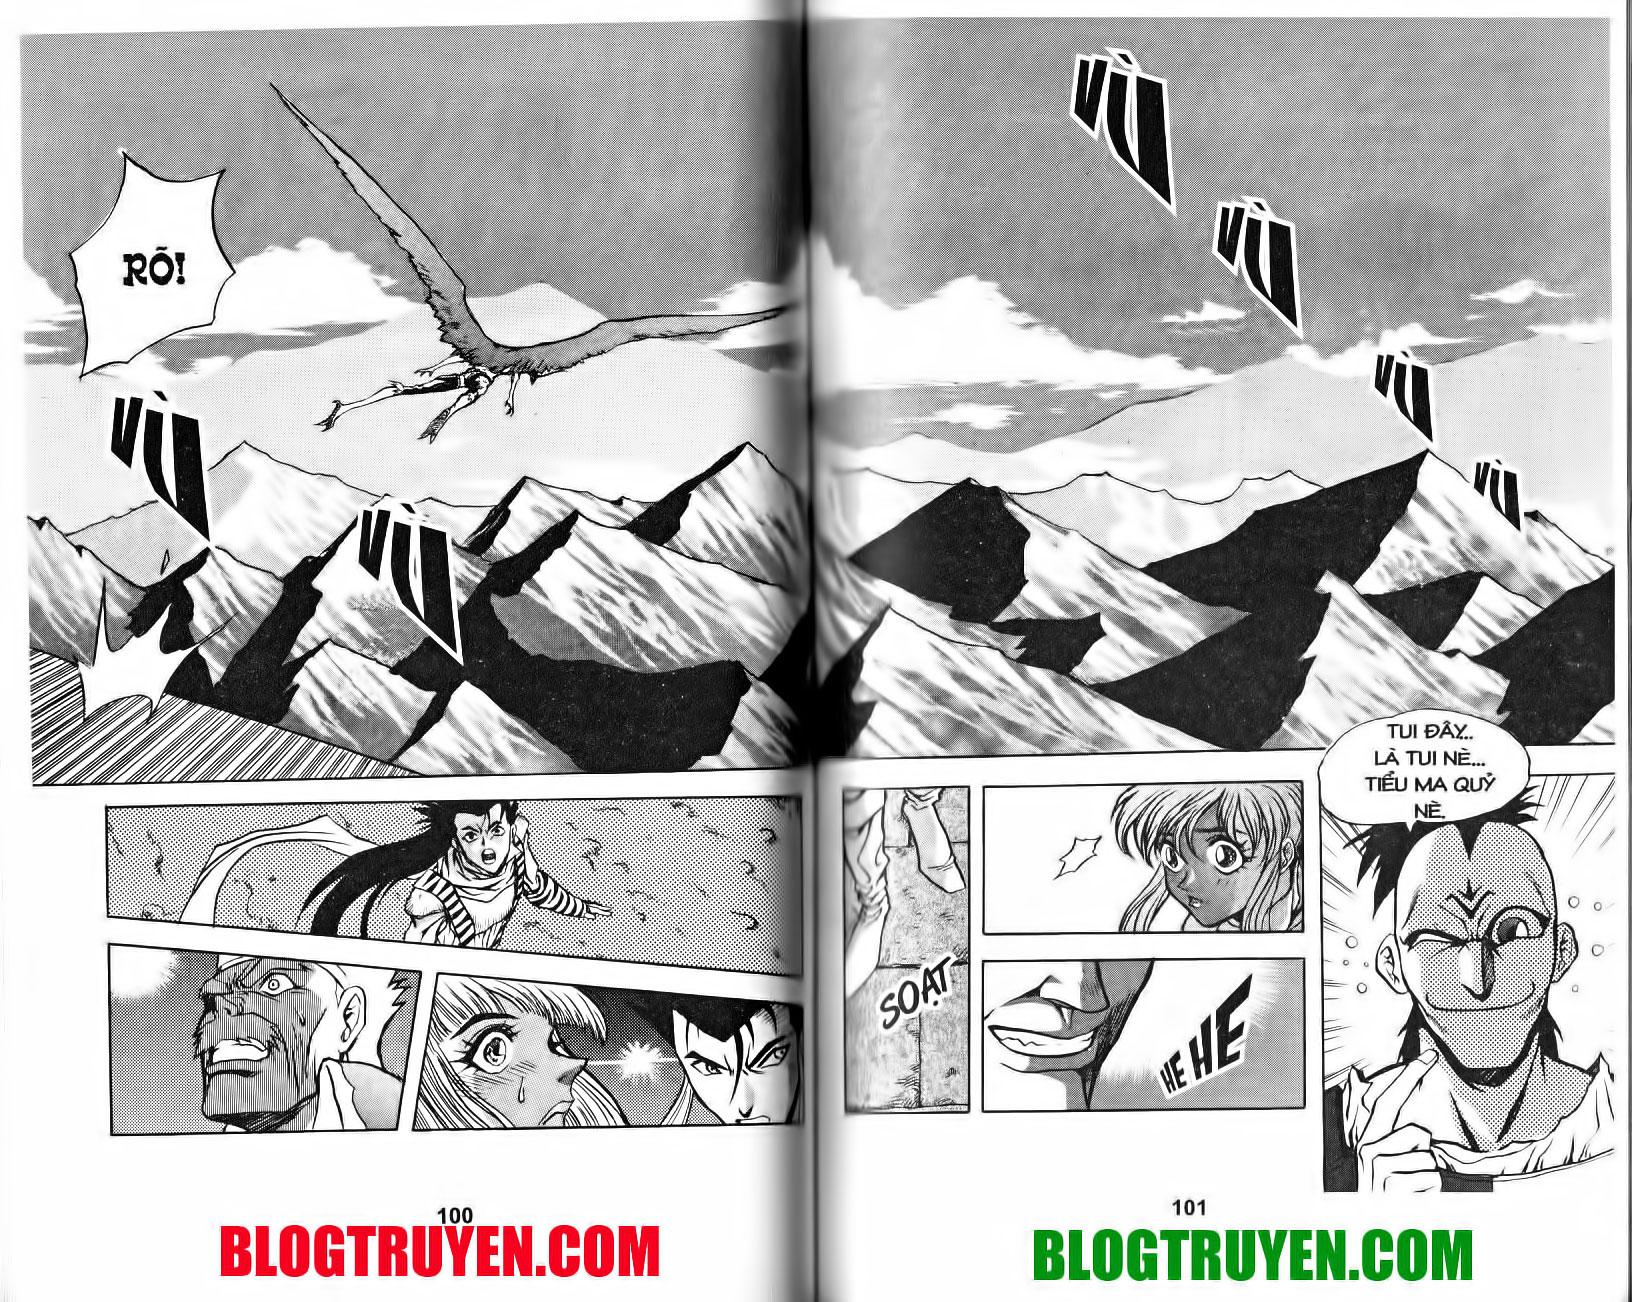 Thiên Vương Thần Kiếm Chap 21 - Next Chap 22